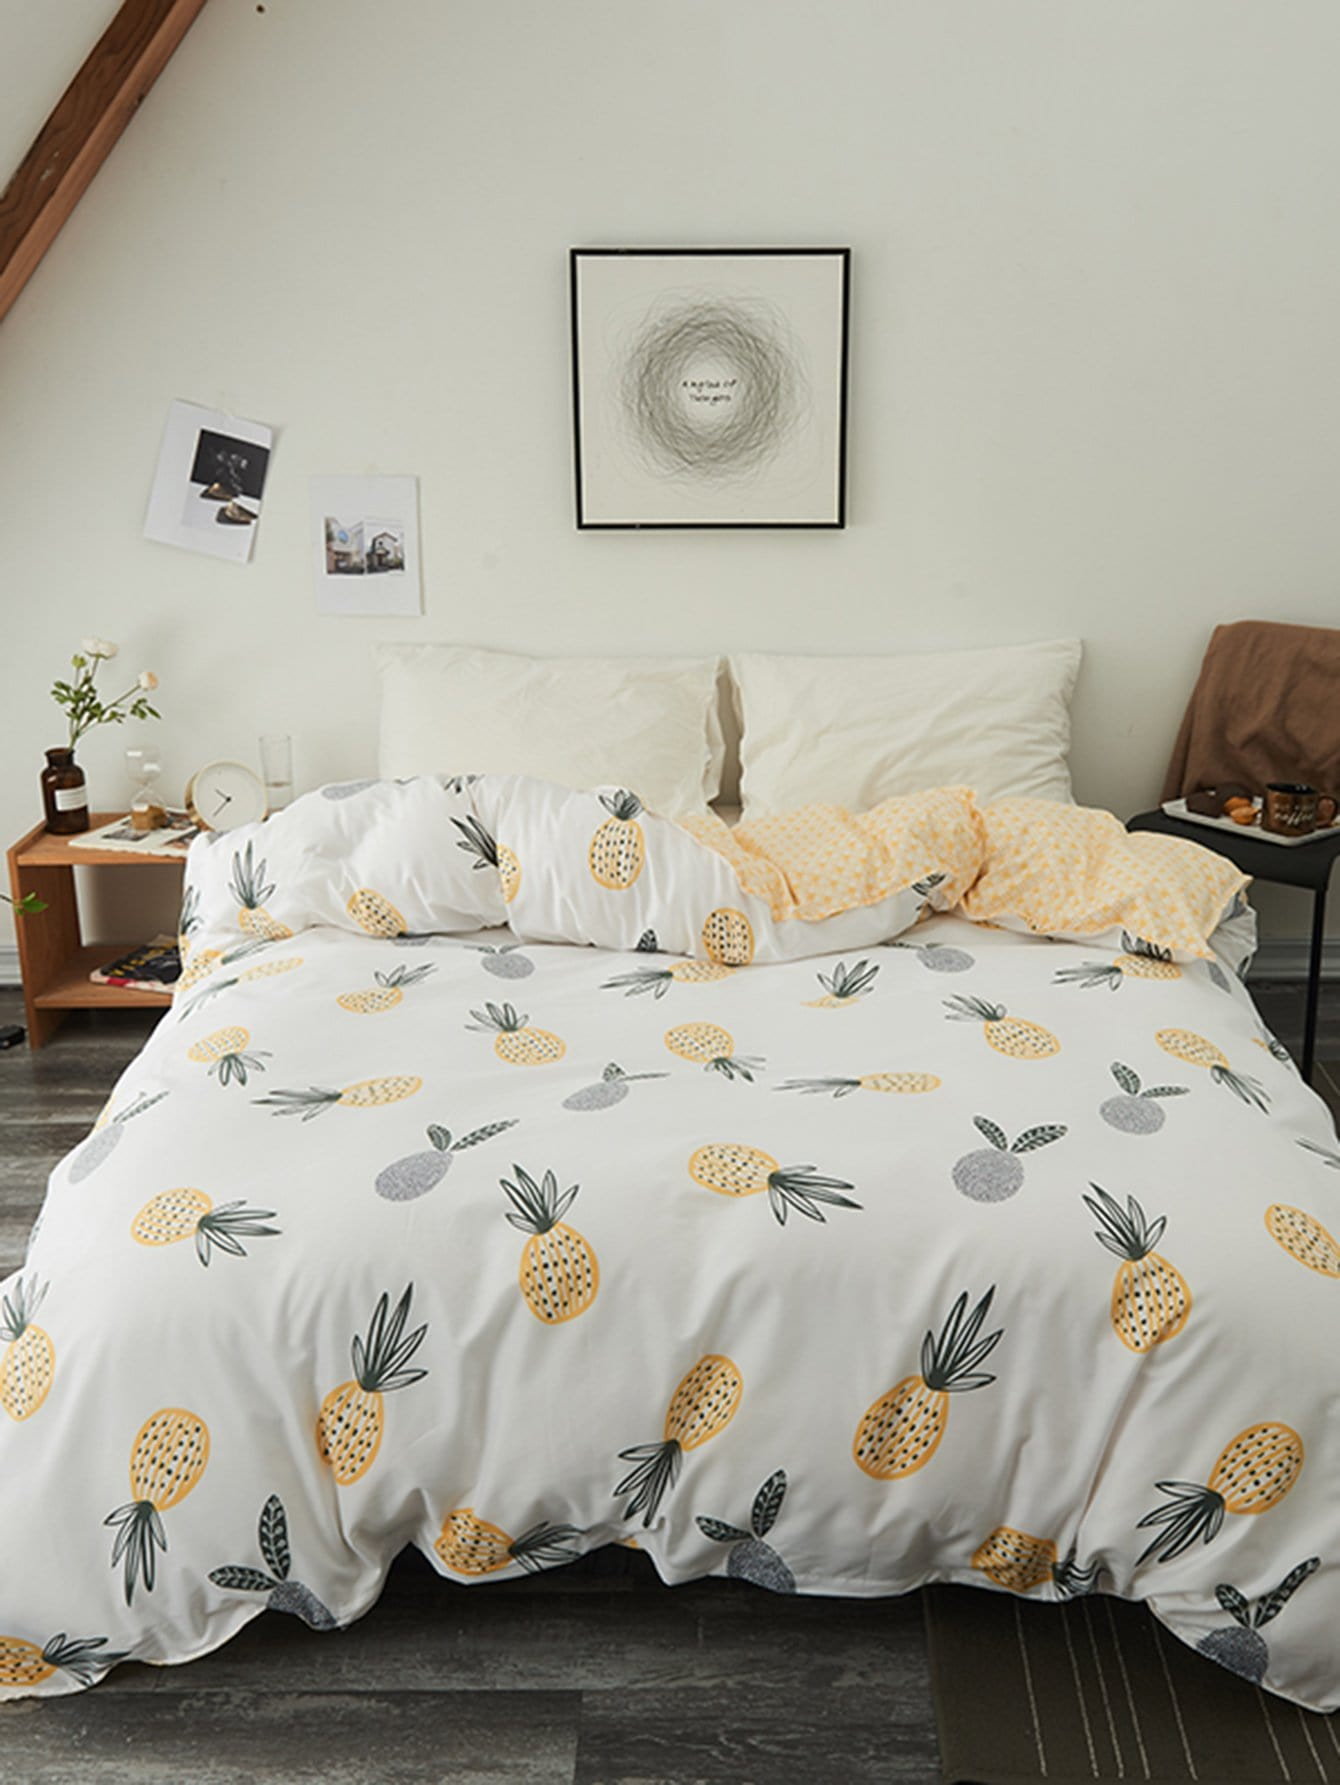 Купить Бархатное постельное бельё с рисунками ананасов 1 шт, null, SheIn